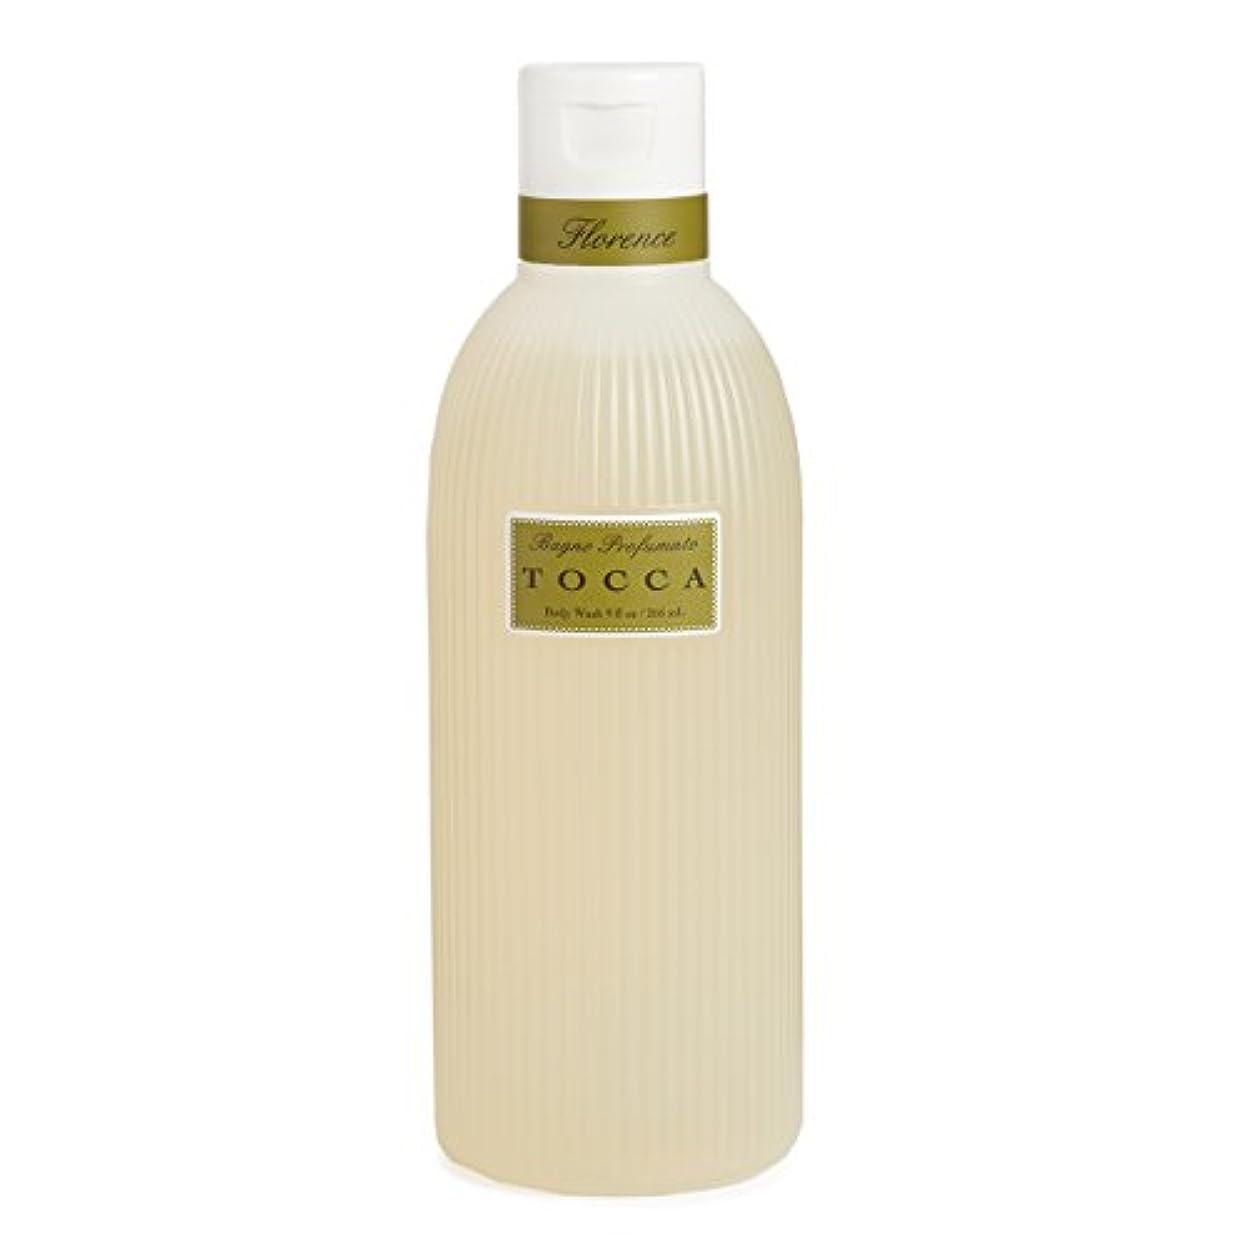 糞忍耐模倣トッカ(TOCCA) ボディーケアウォッシュ フローレンスの香り 266ml(全身用洗浄料 ボディーソープ ガーデニアとベルガモットが誘うように溶け合うどこまでも上品なフローラルの香り)